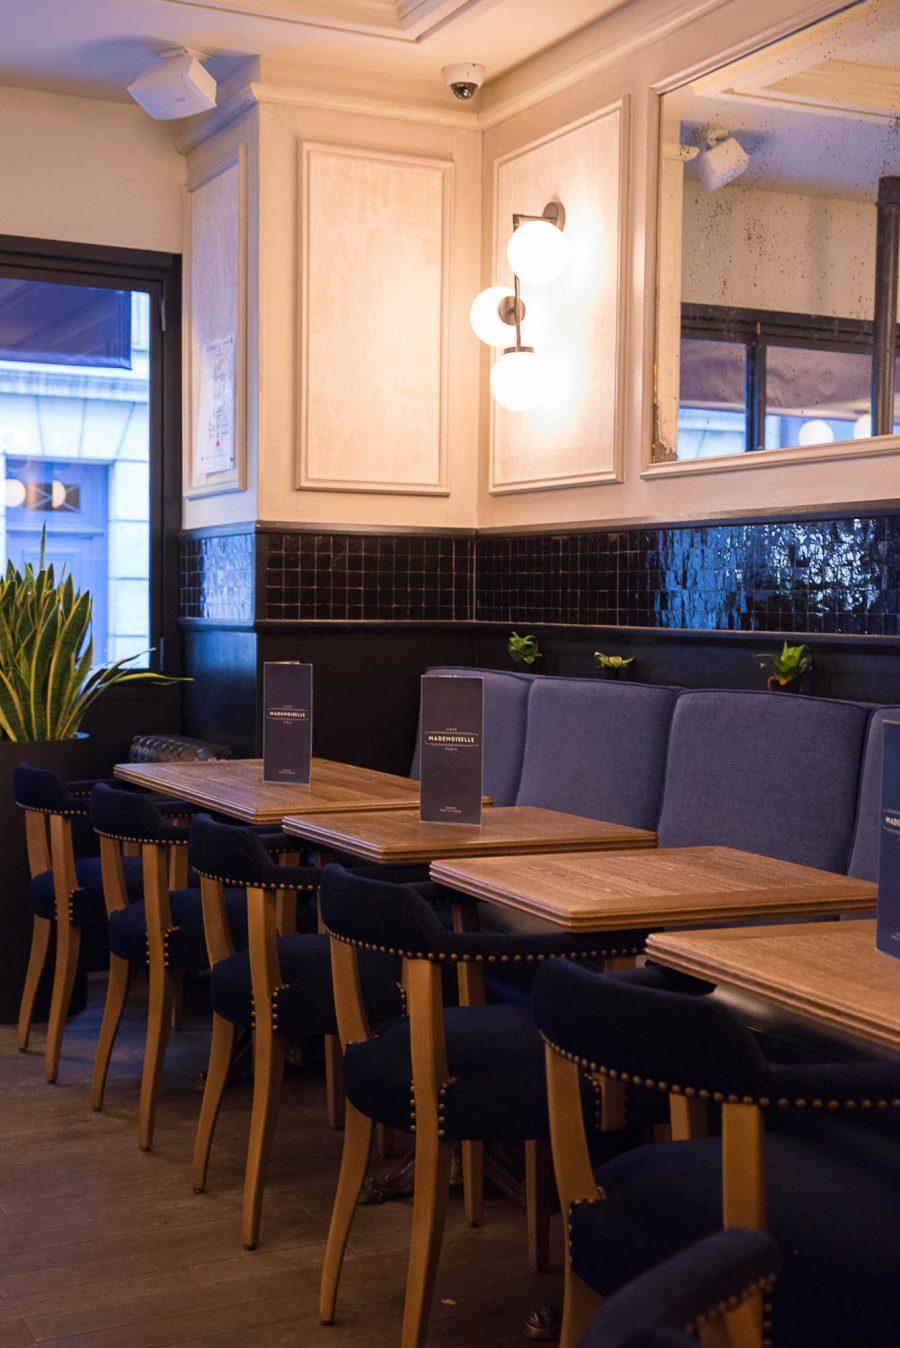 Intérieur du Café Mademoiselle de Paris avec une dominante de bleu sur les chaises, la banquette et la frise en zellige.